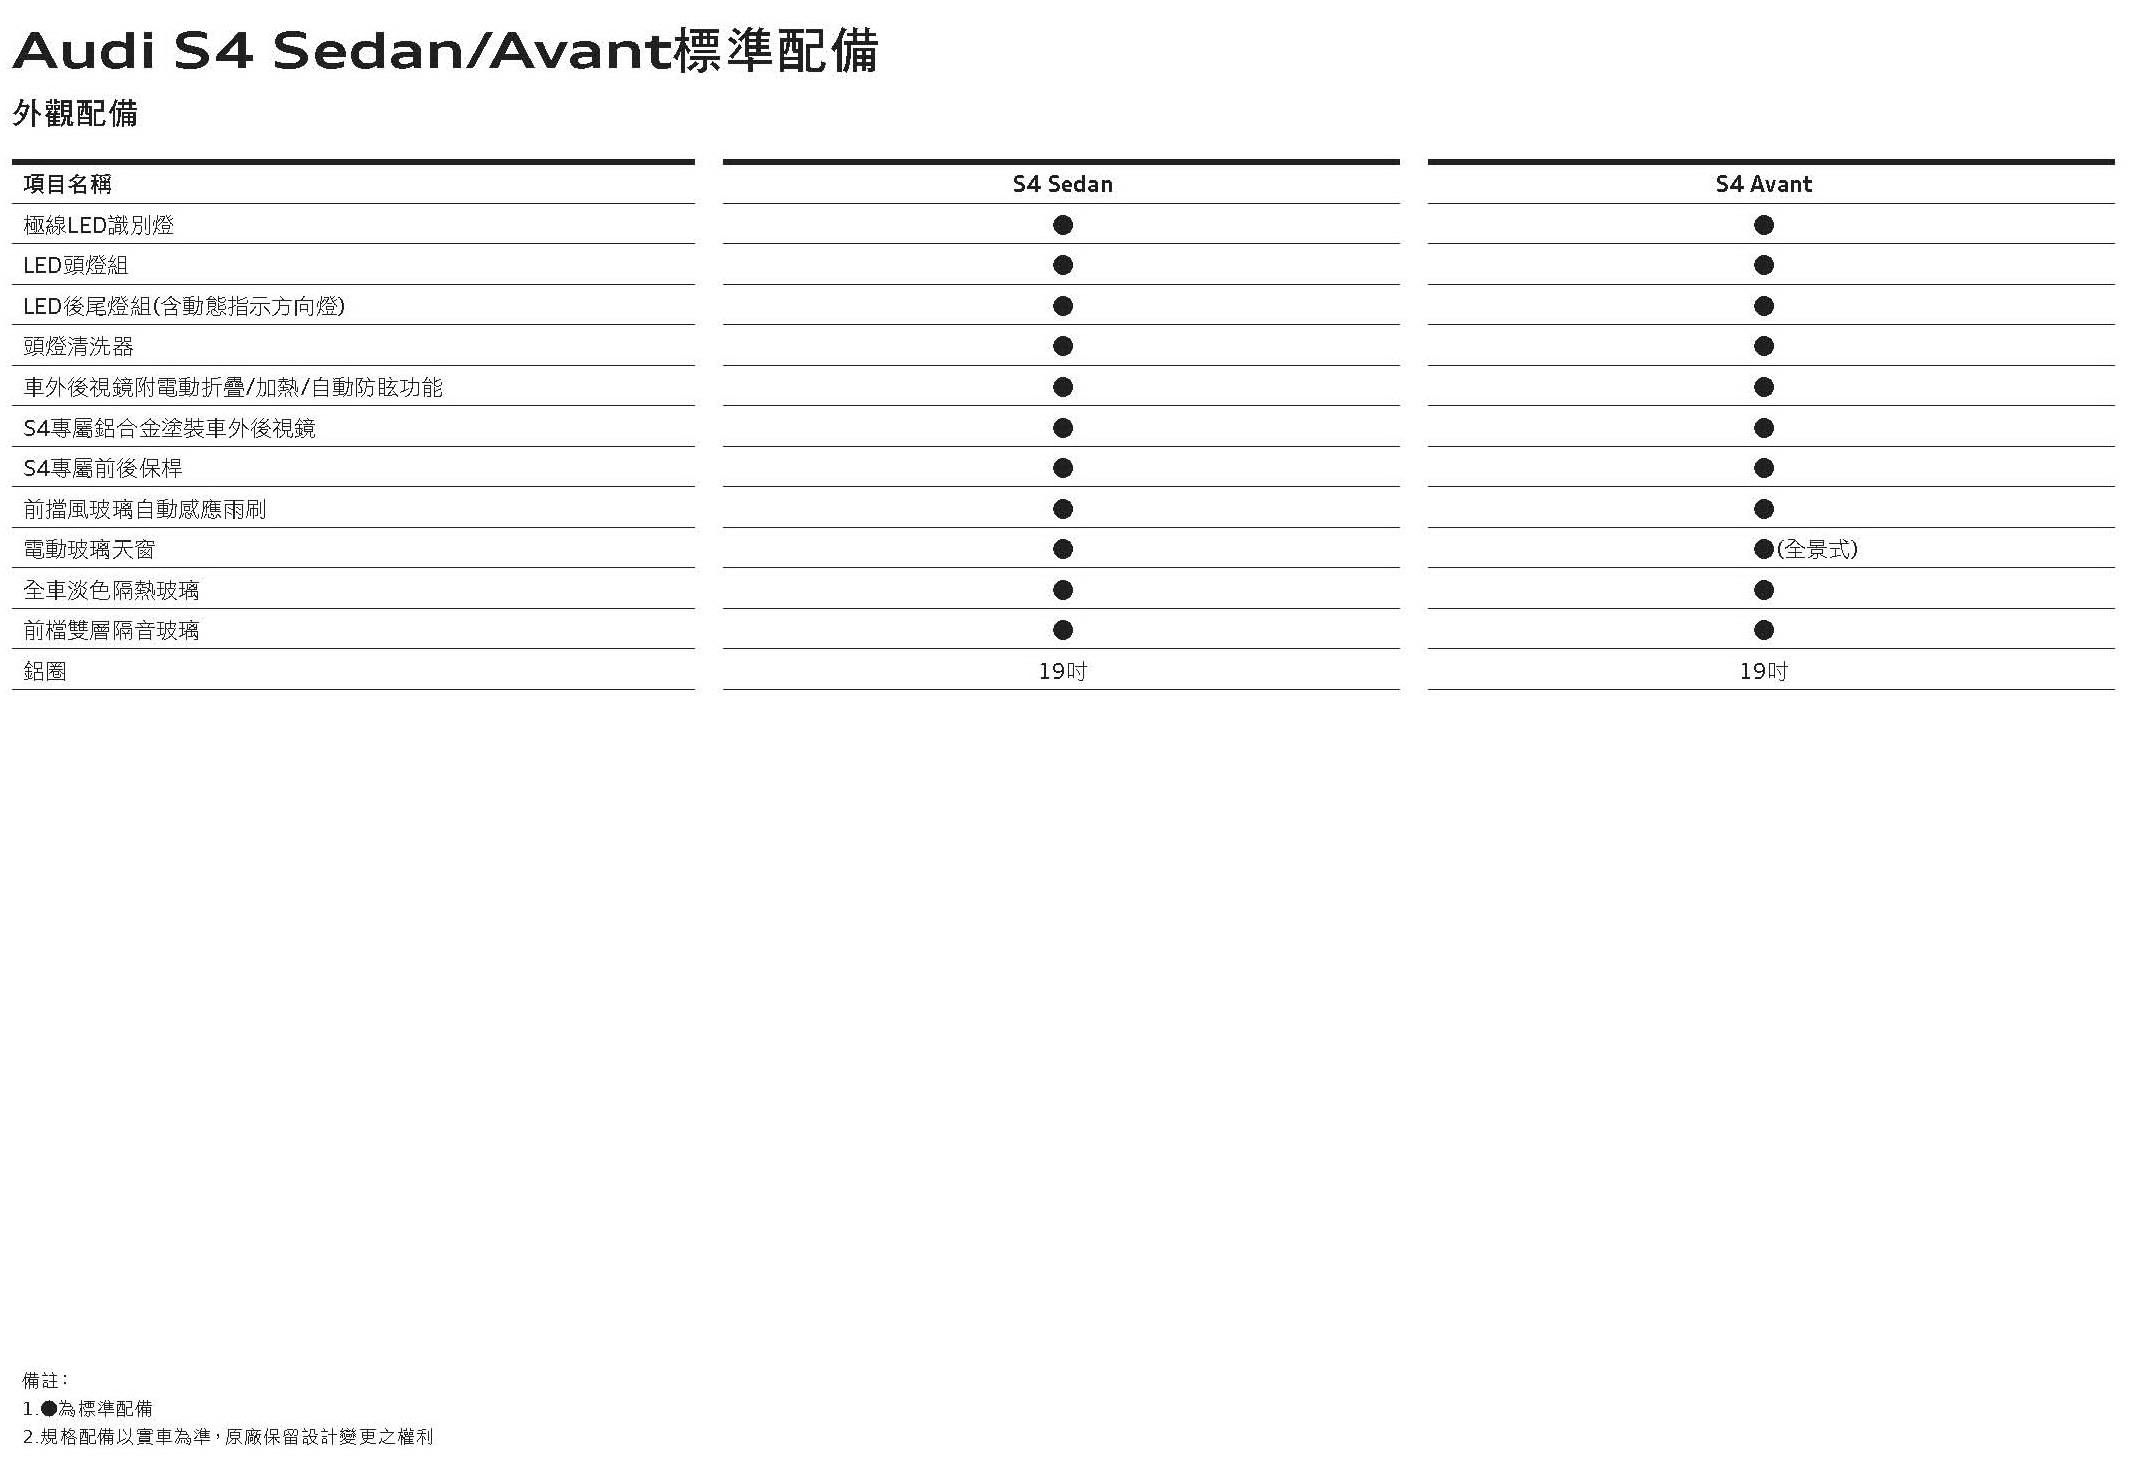 The new Audi S4規格配備表_頁面_3